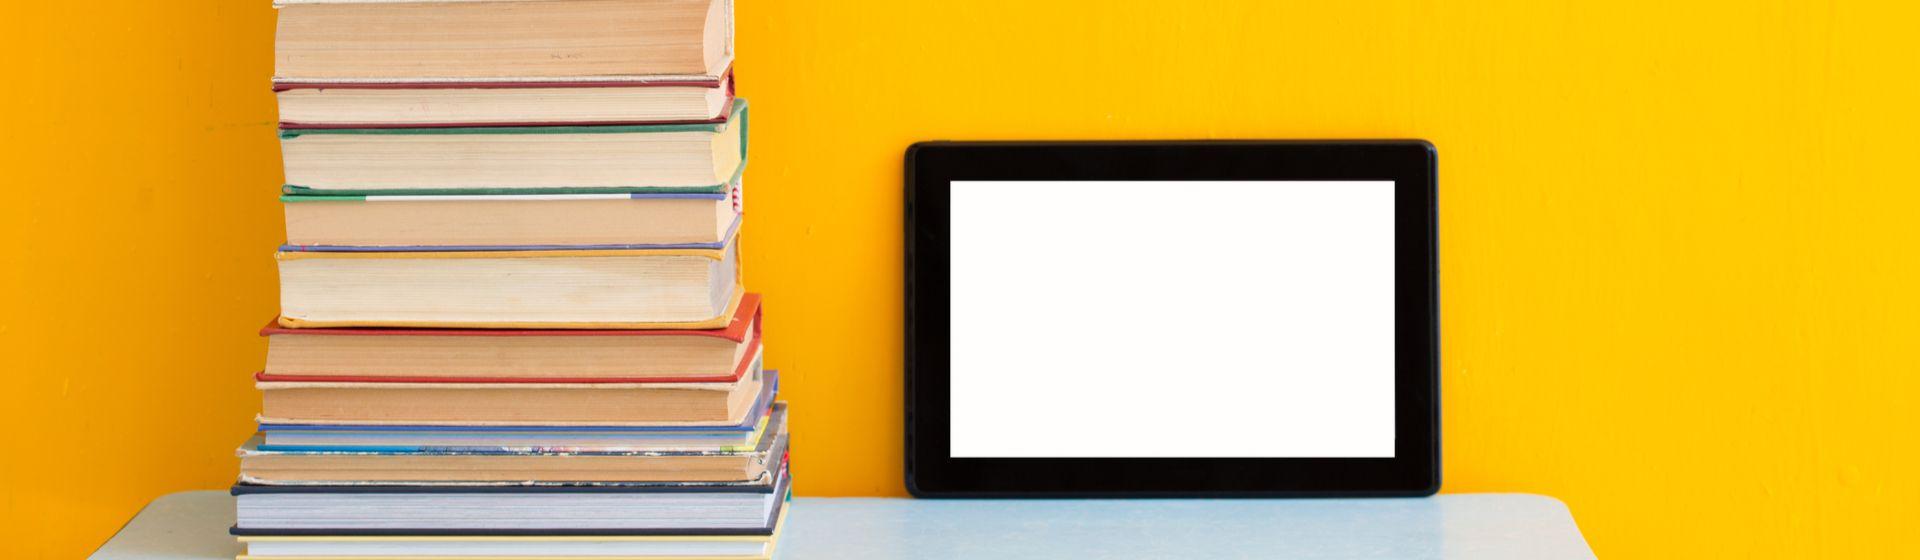 O Kindle vale a pena? Veja os benefícios e desvantagens